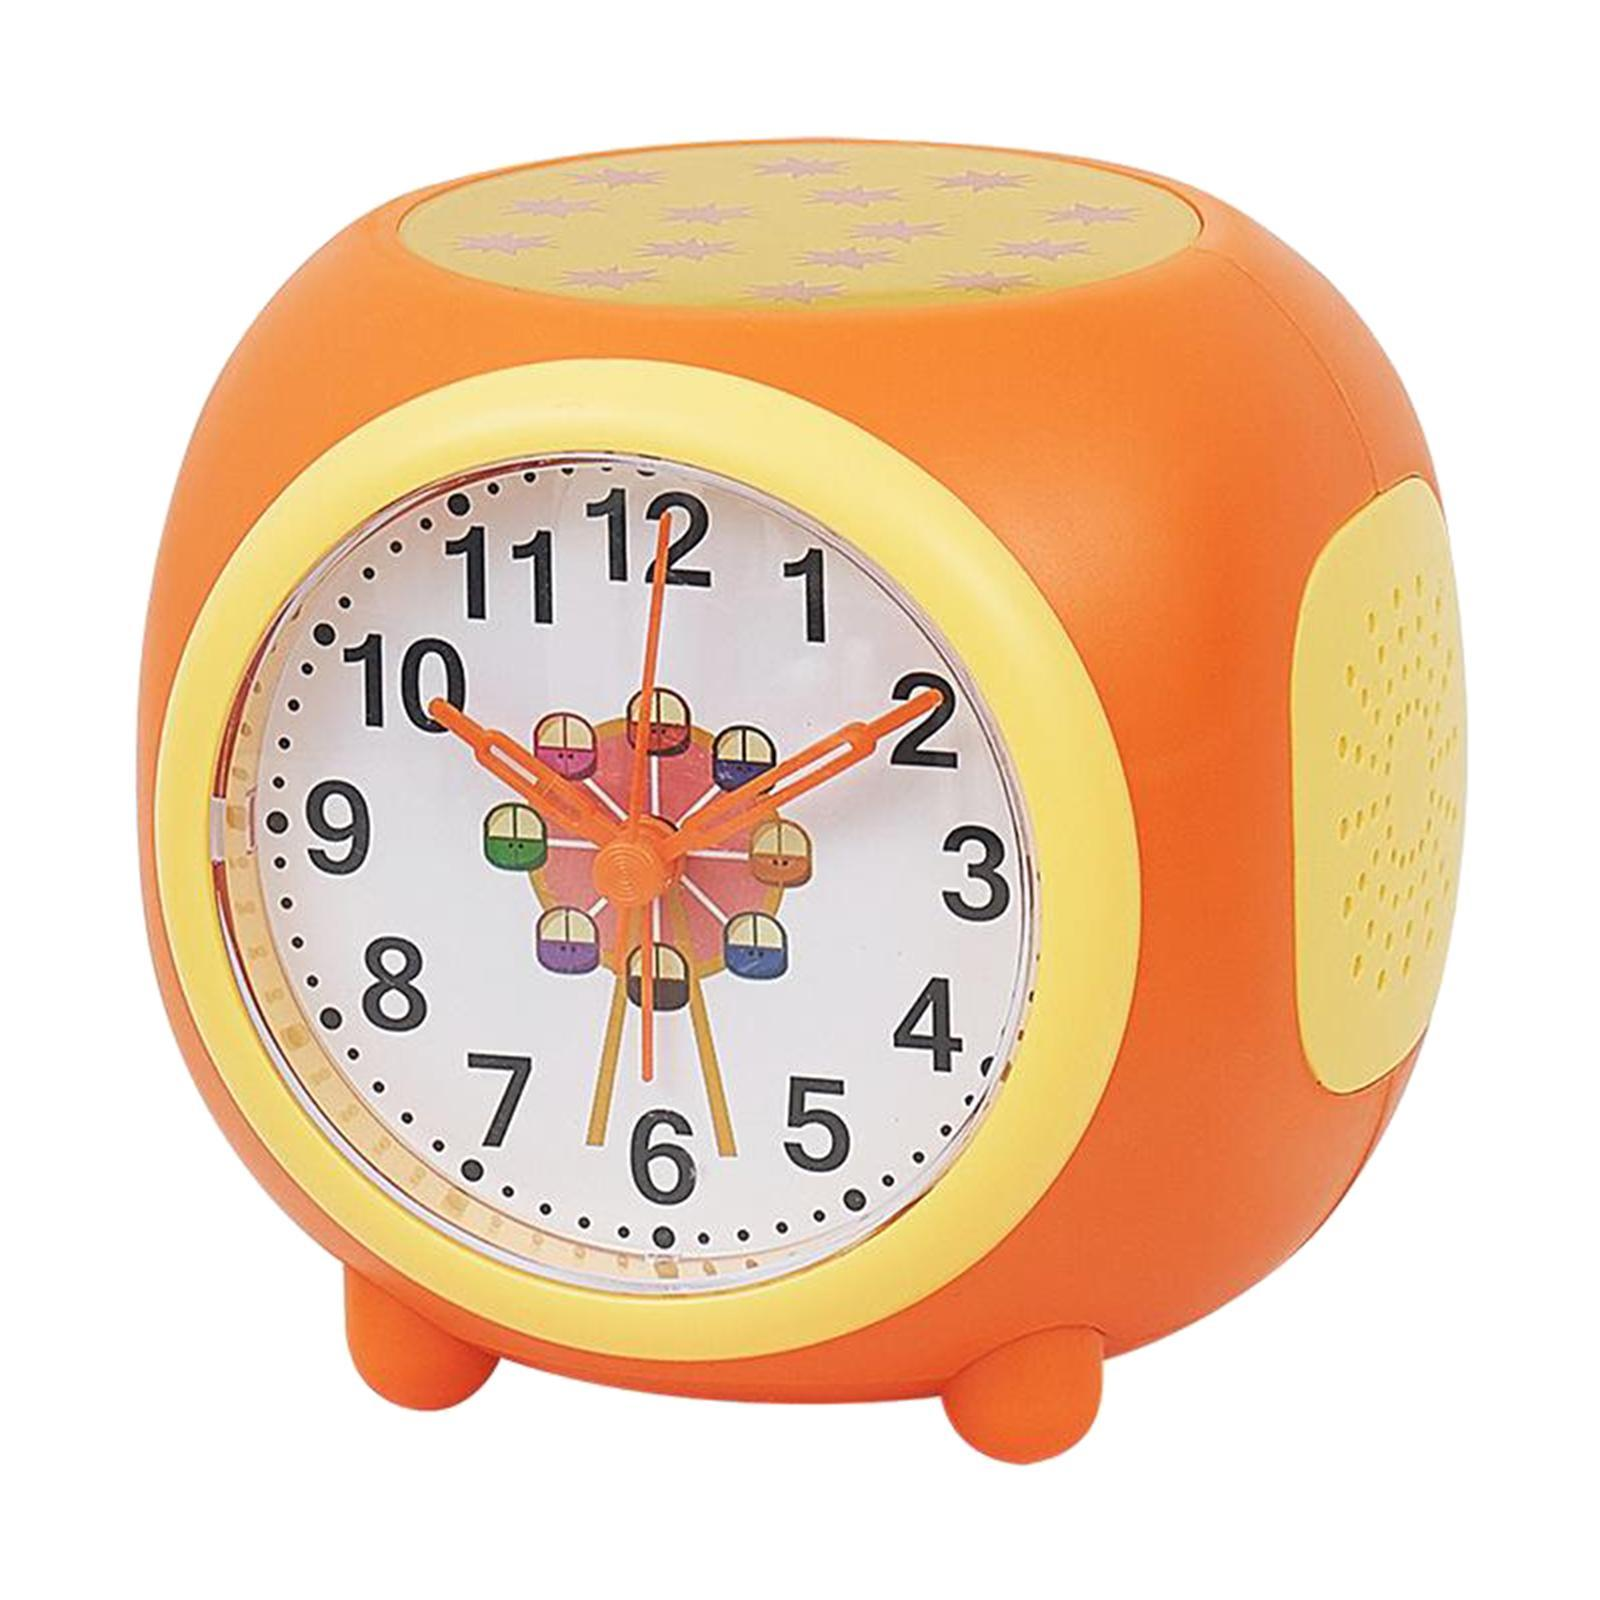 Controllo-vocale-Star-Projection-Lamp-Sveglia-Snooze-Clock-Orologio-da-camera-da miniatura 9